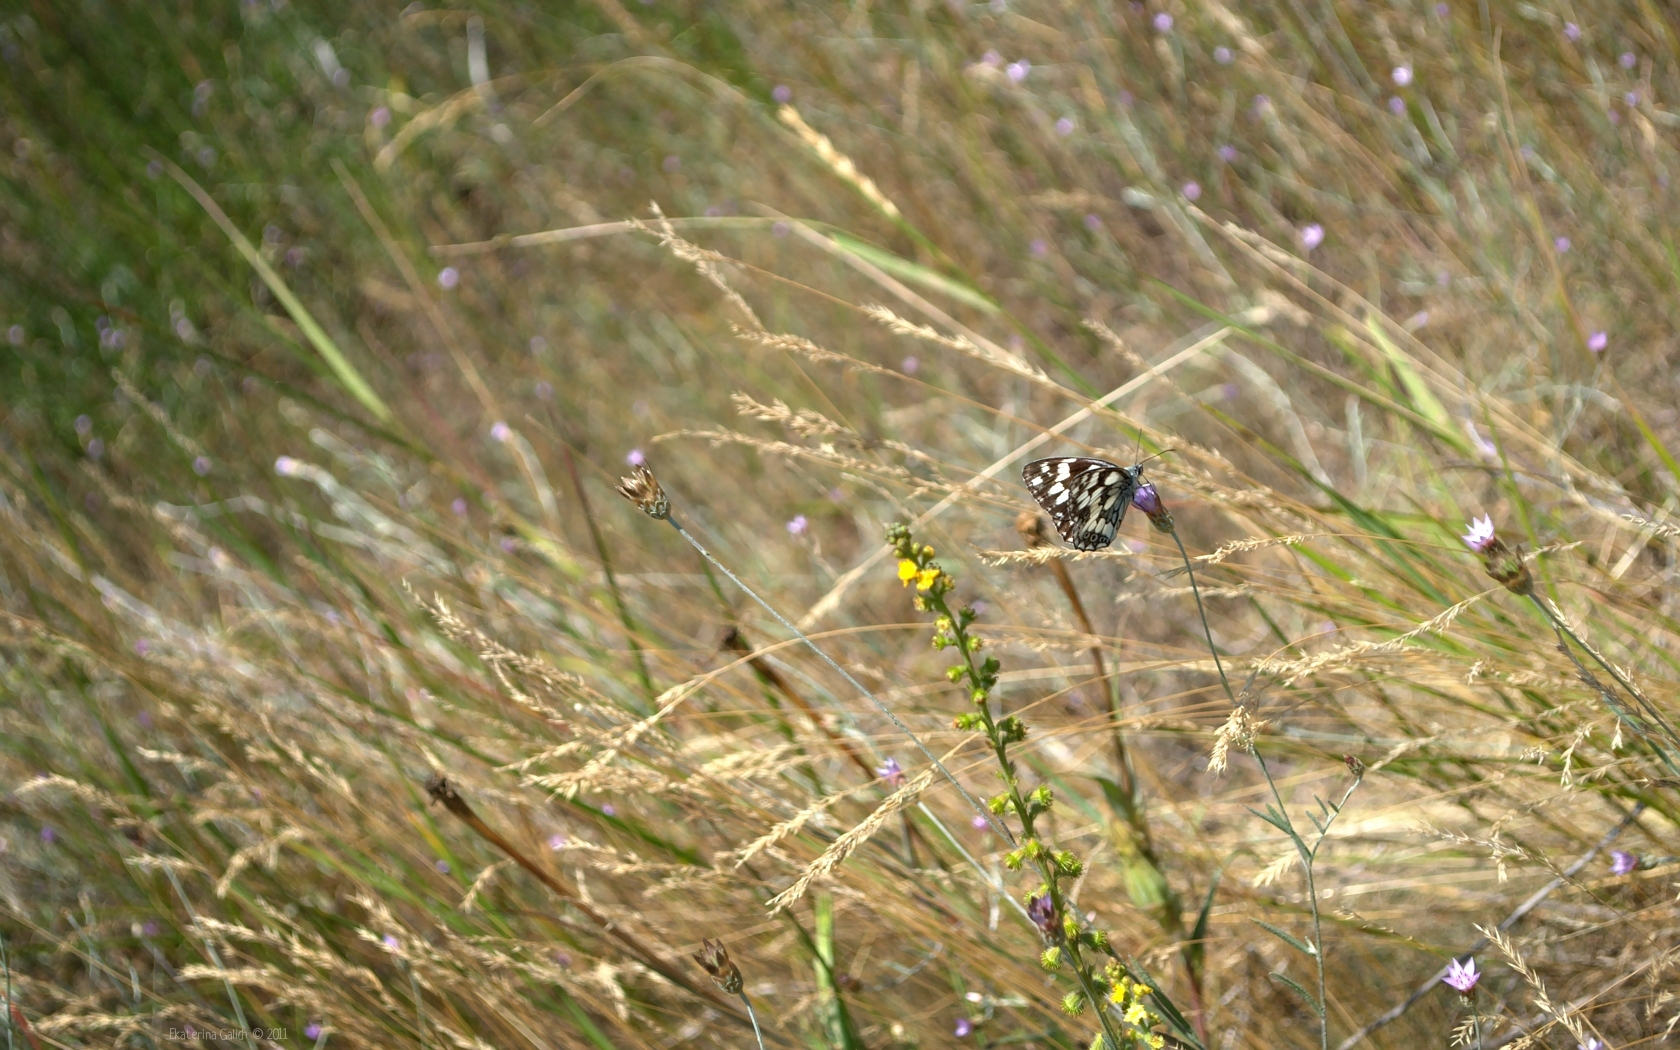 29574 скачать обои Бабочки, Трава, Насекомые - заставки и картинки бесплатно